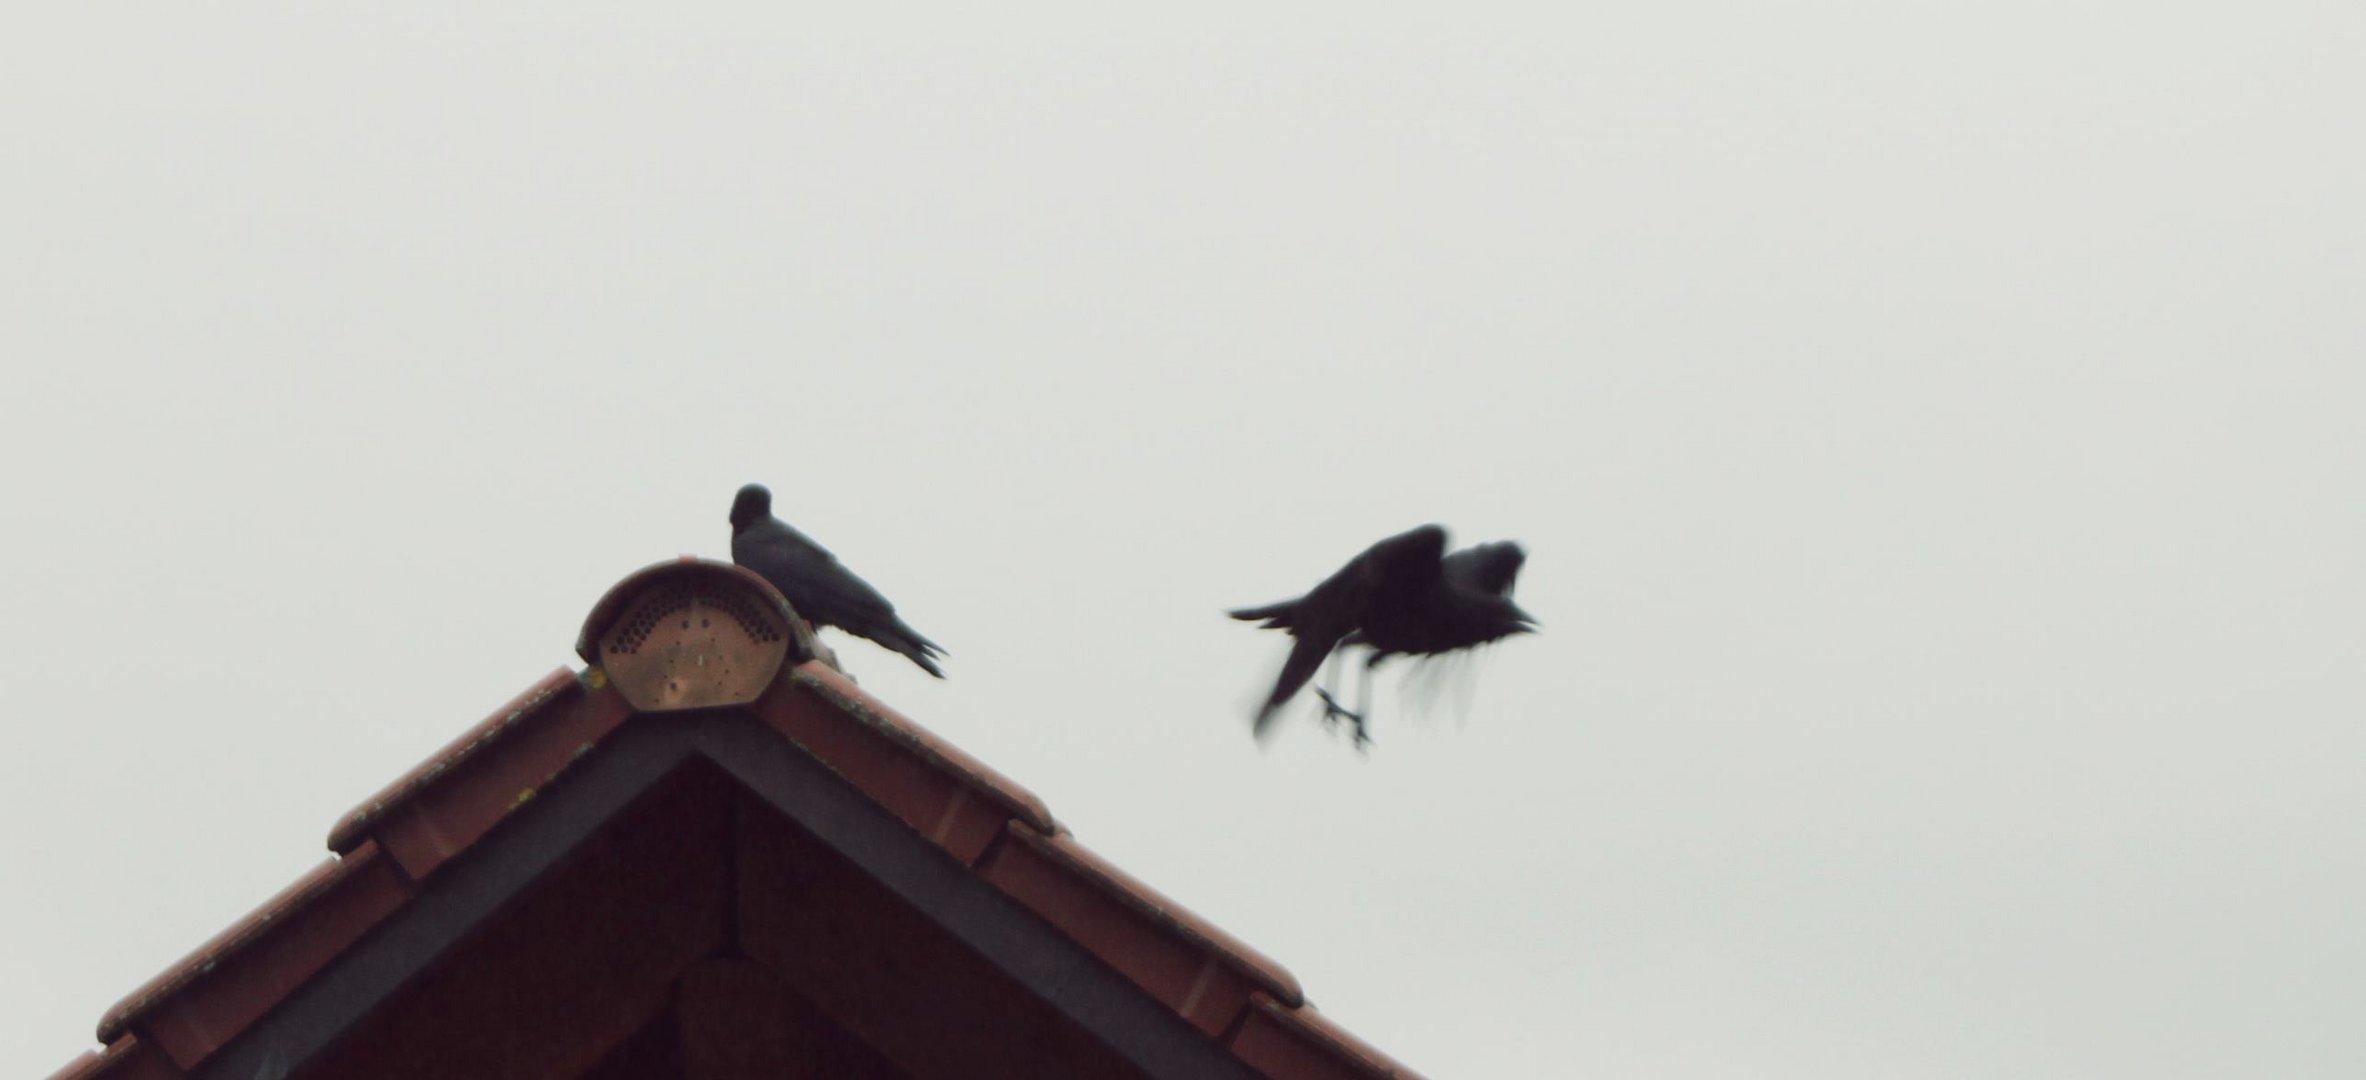 Auf einem Dach ein Rabe stolz